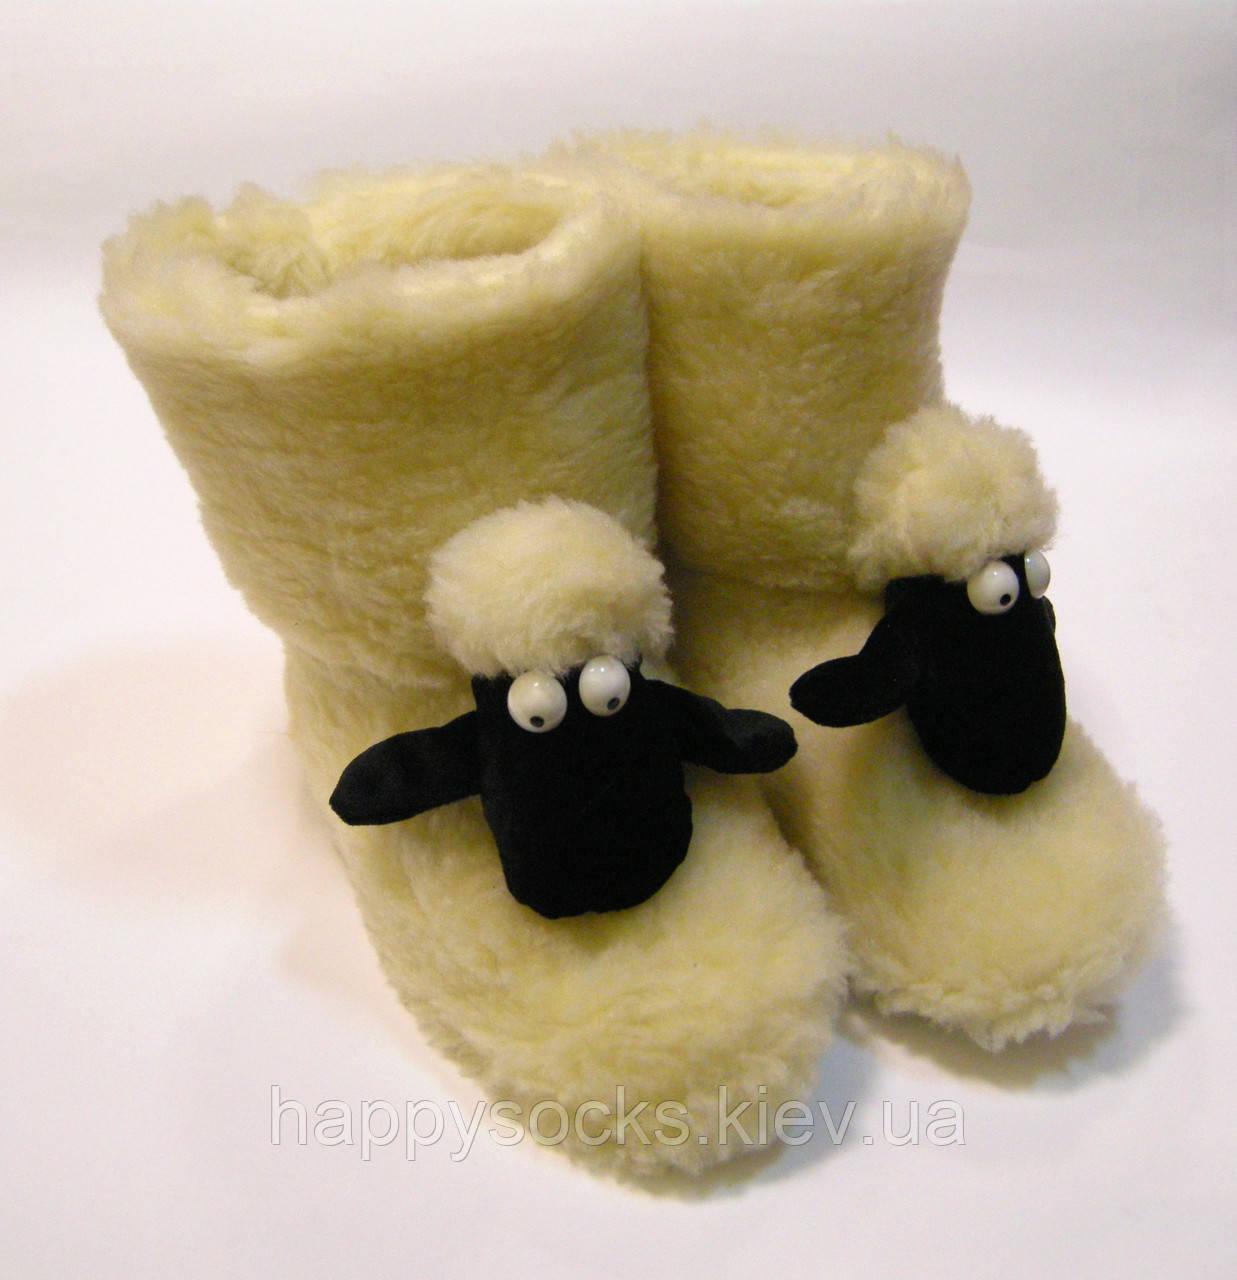 Домашние детские тапочки-сапожки из овчины баранчик Шон